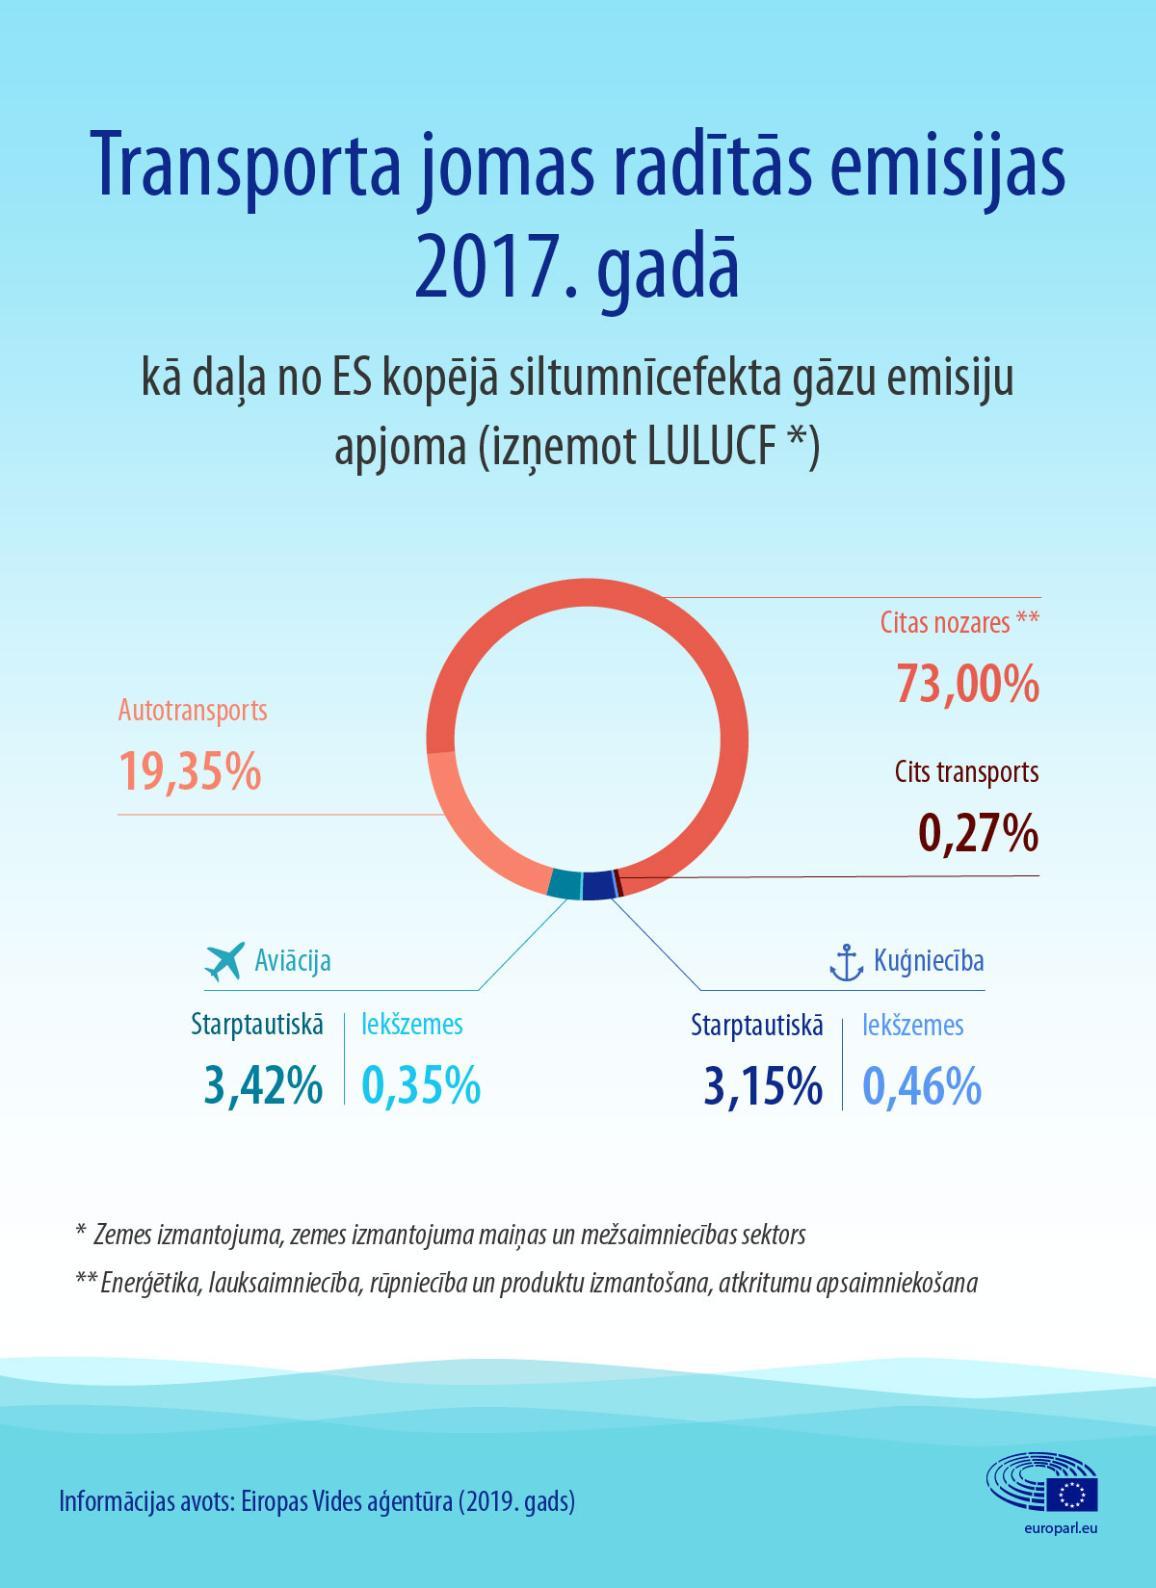 Infografikā redzams transporta jomas radītās emisijas, ieskaitot aviācijas un kuģniecības nozares, kā daļu no ES kopējā siltumnīcefekta gāzu emisiju apjoma.